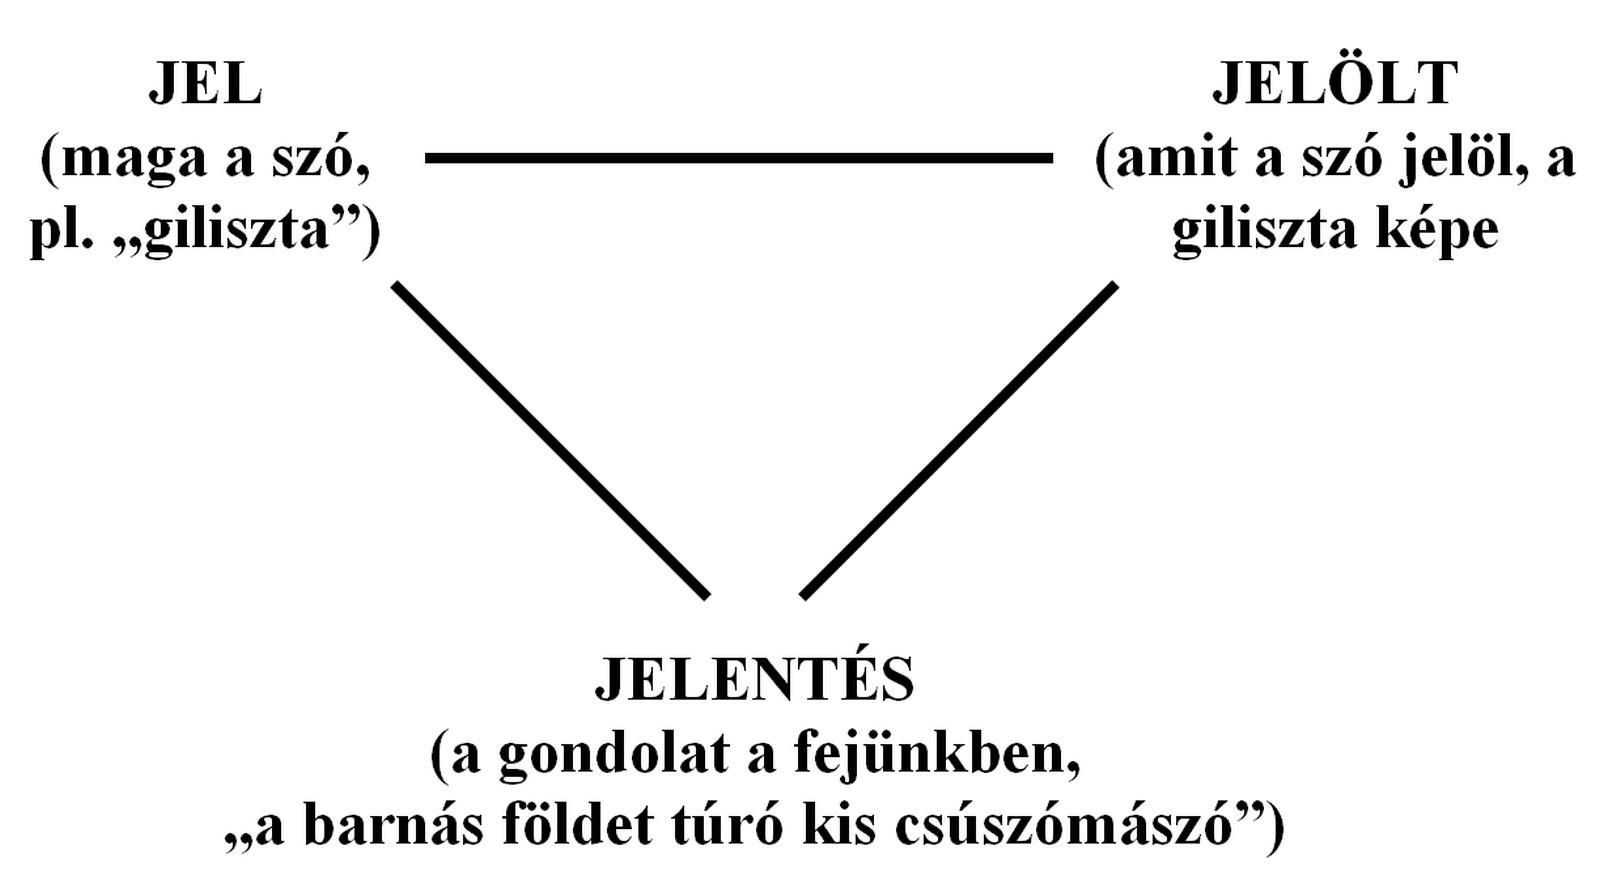 Háromszög alakú kereskedelem, országok és termékek